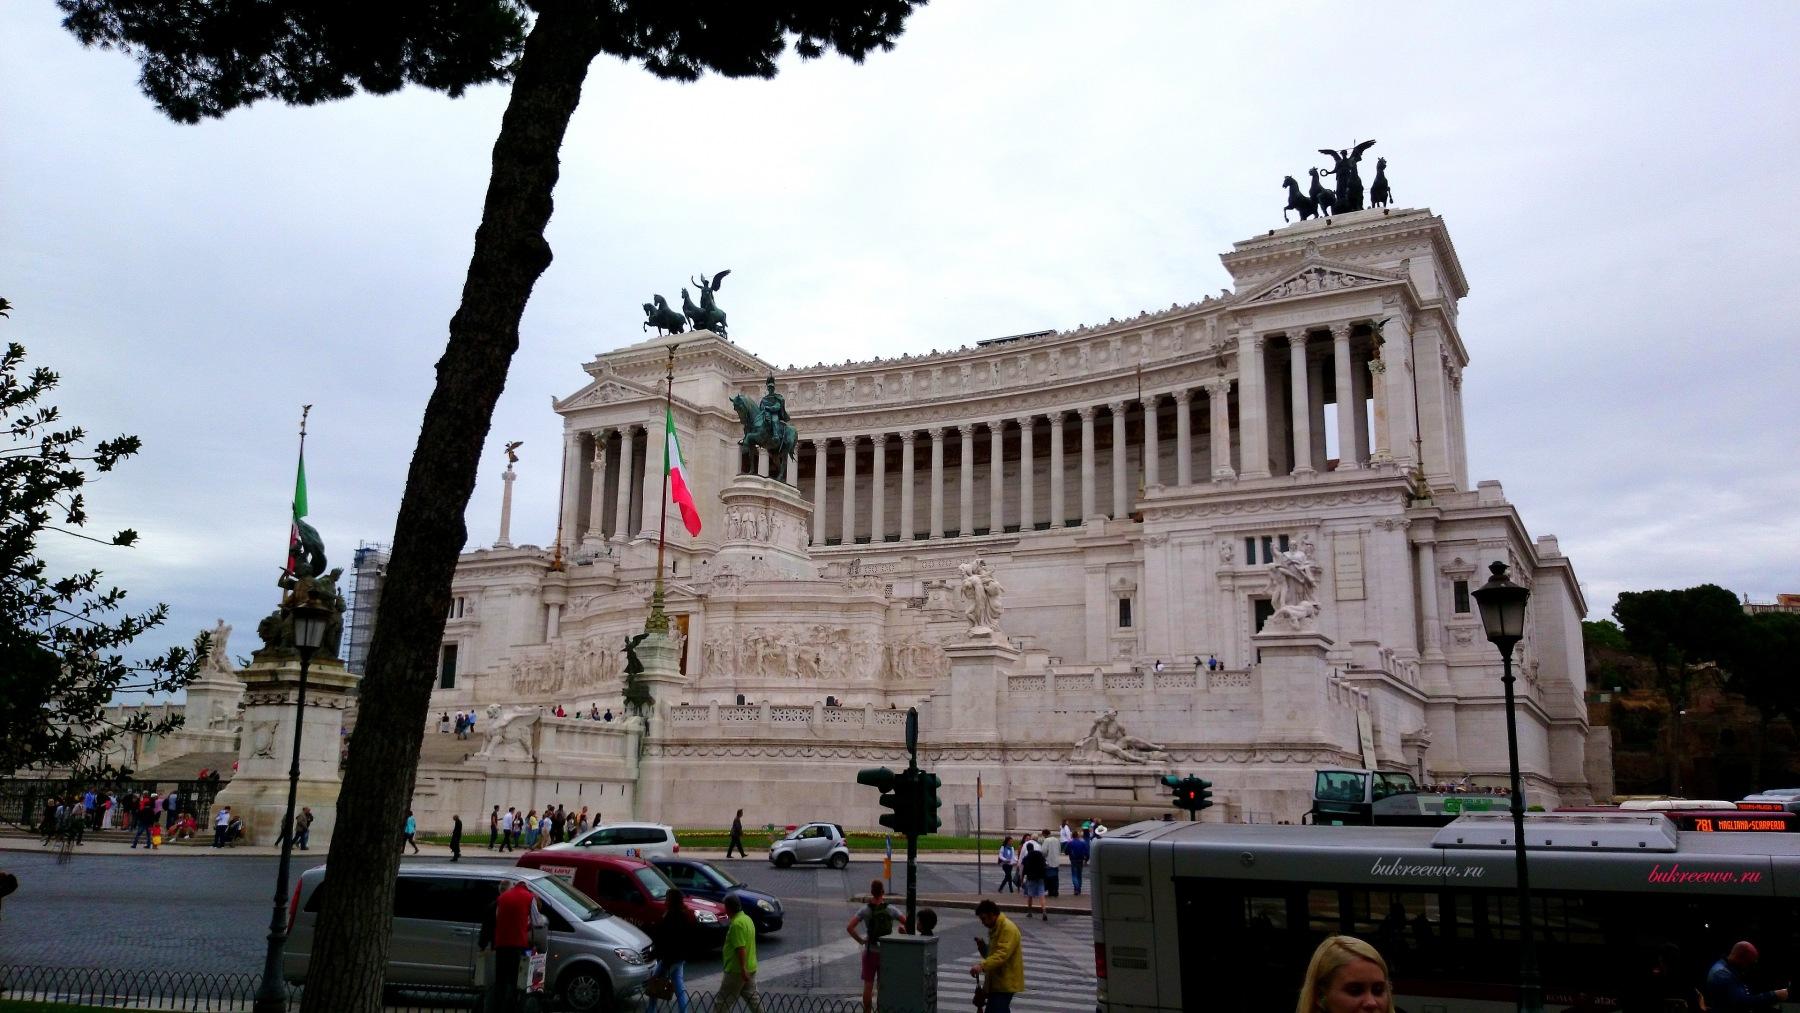 Piazza Venezia 81